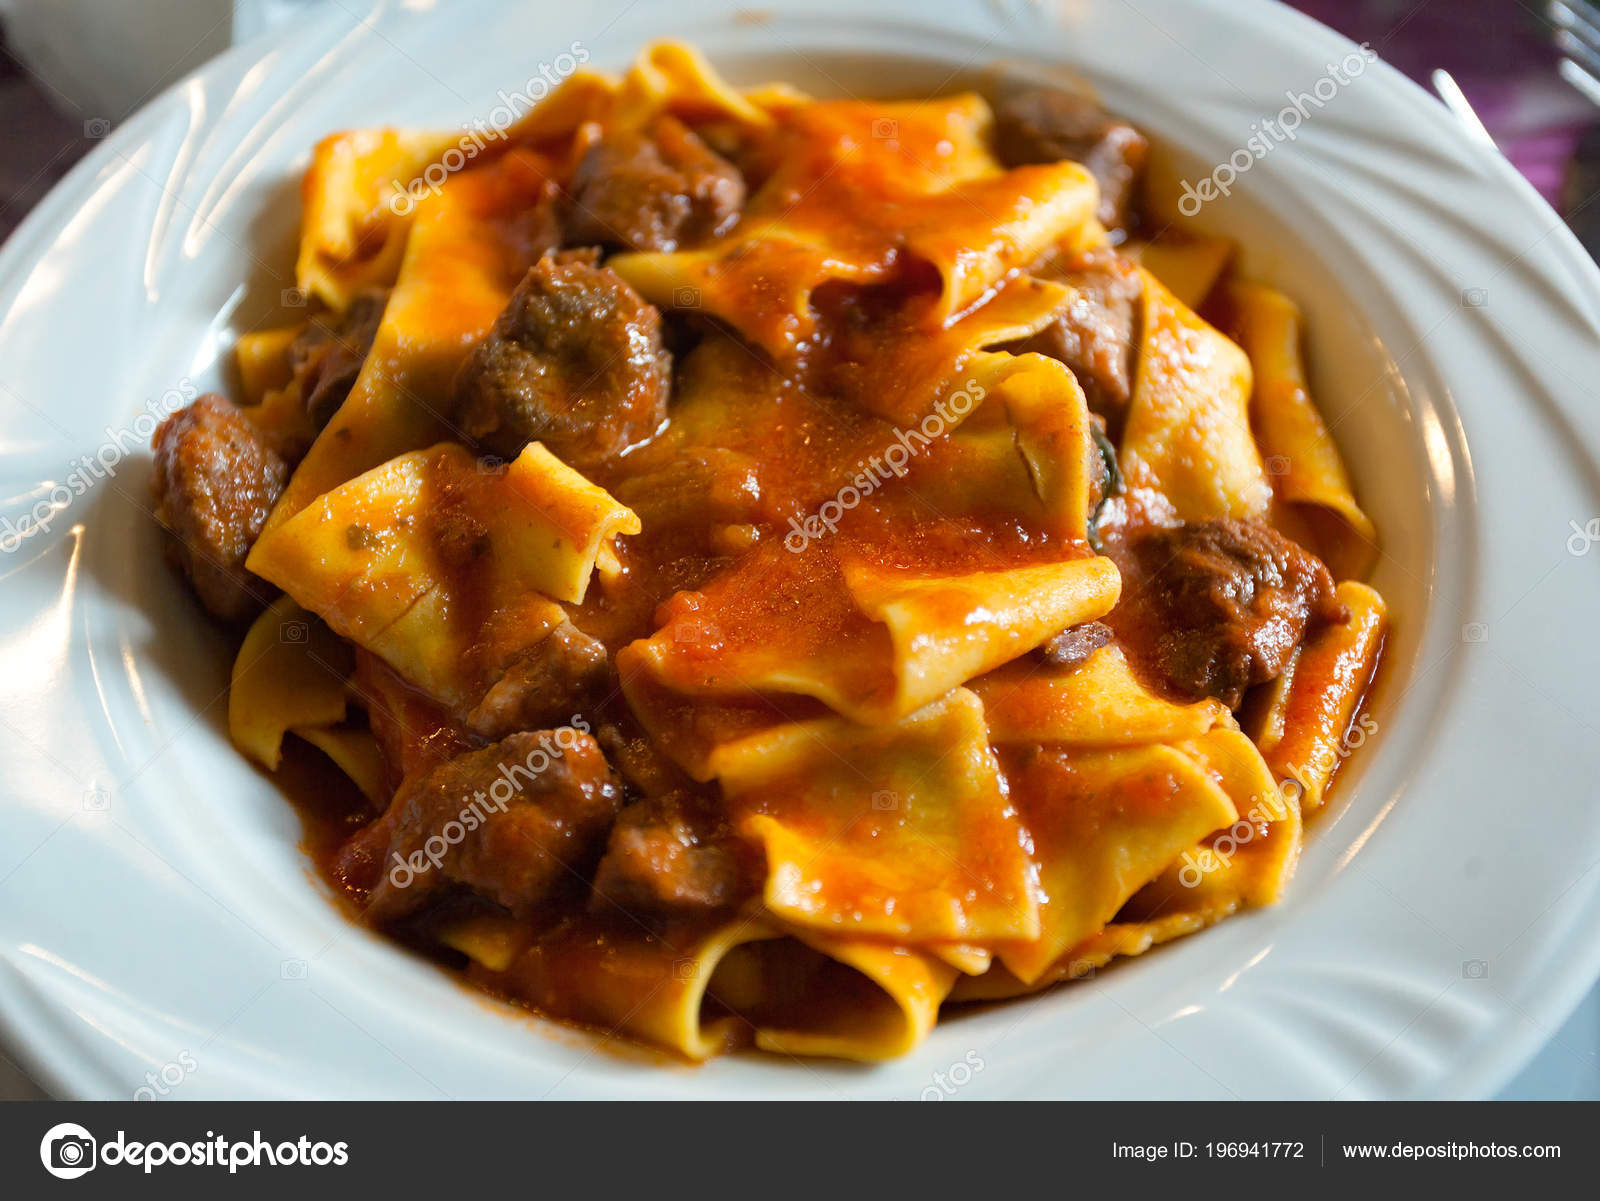 Pappardelle Med Vildsvin Ragu Toskanska Typiska Recept Italiensk